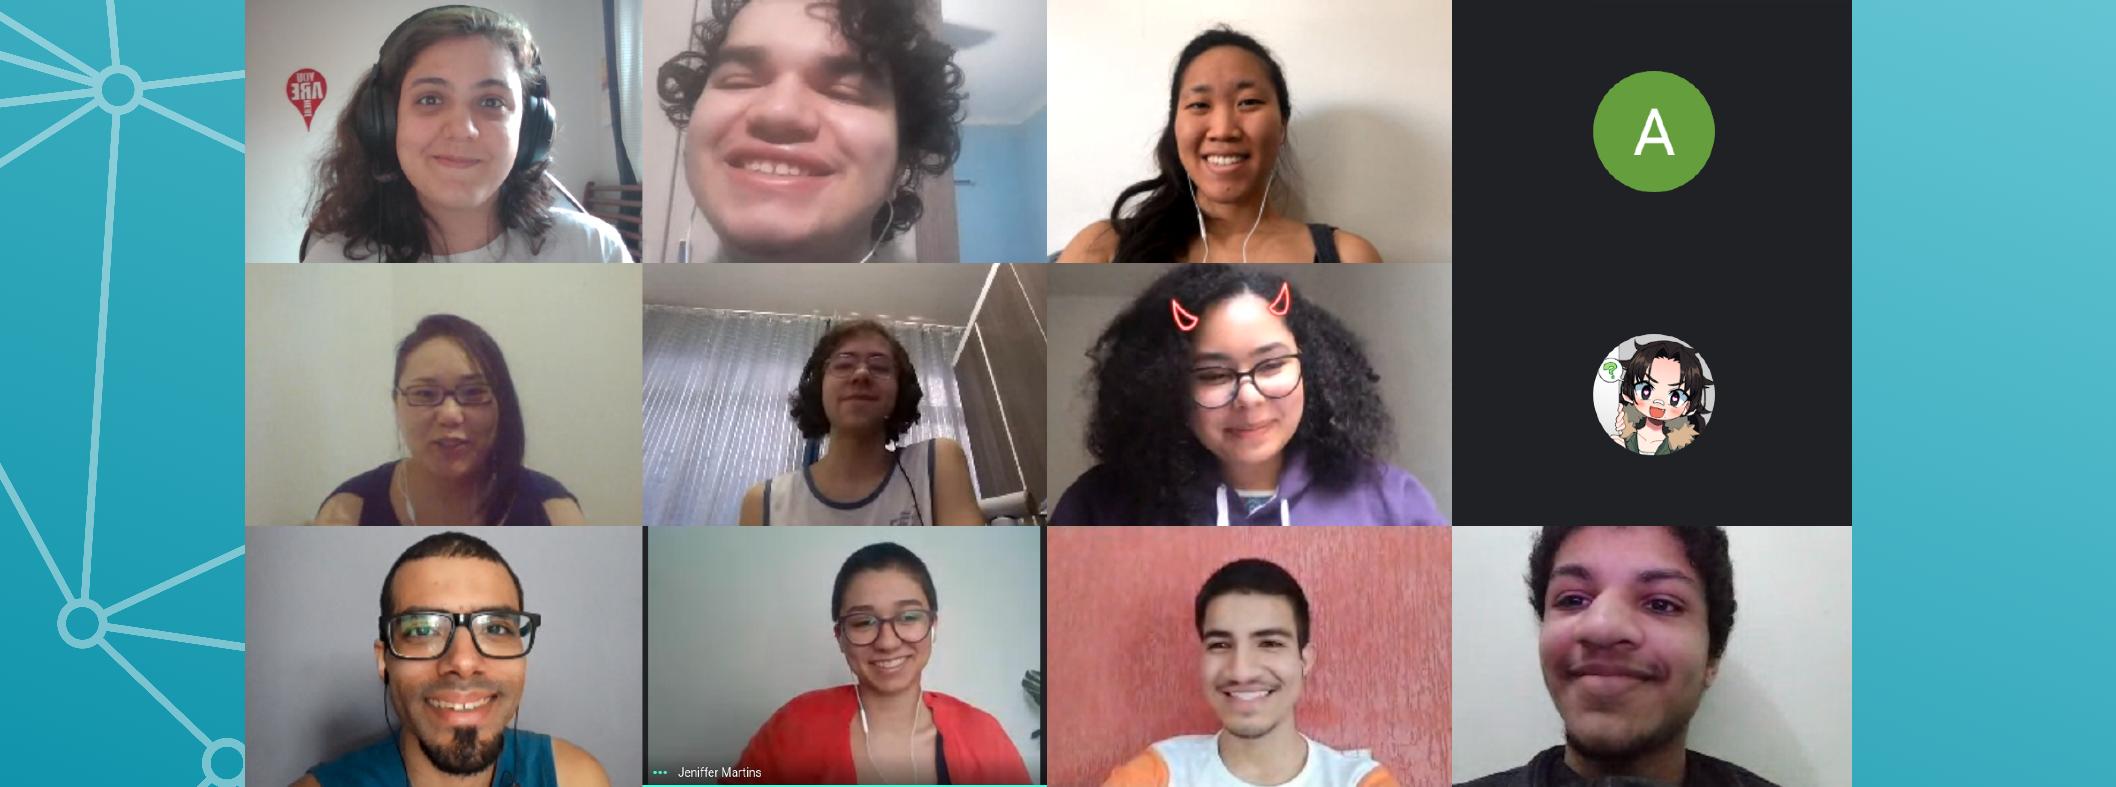 Captura de tela de uma vídeo-chamada com 12 pessoas, cujas imagens formam um retângulo 4 por 3.